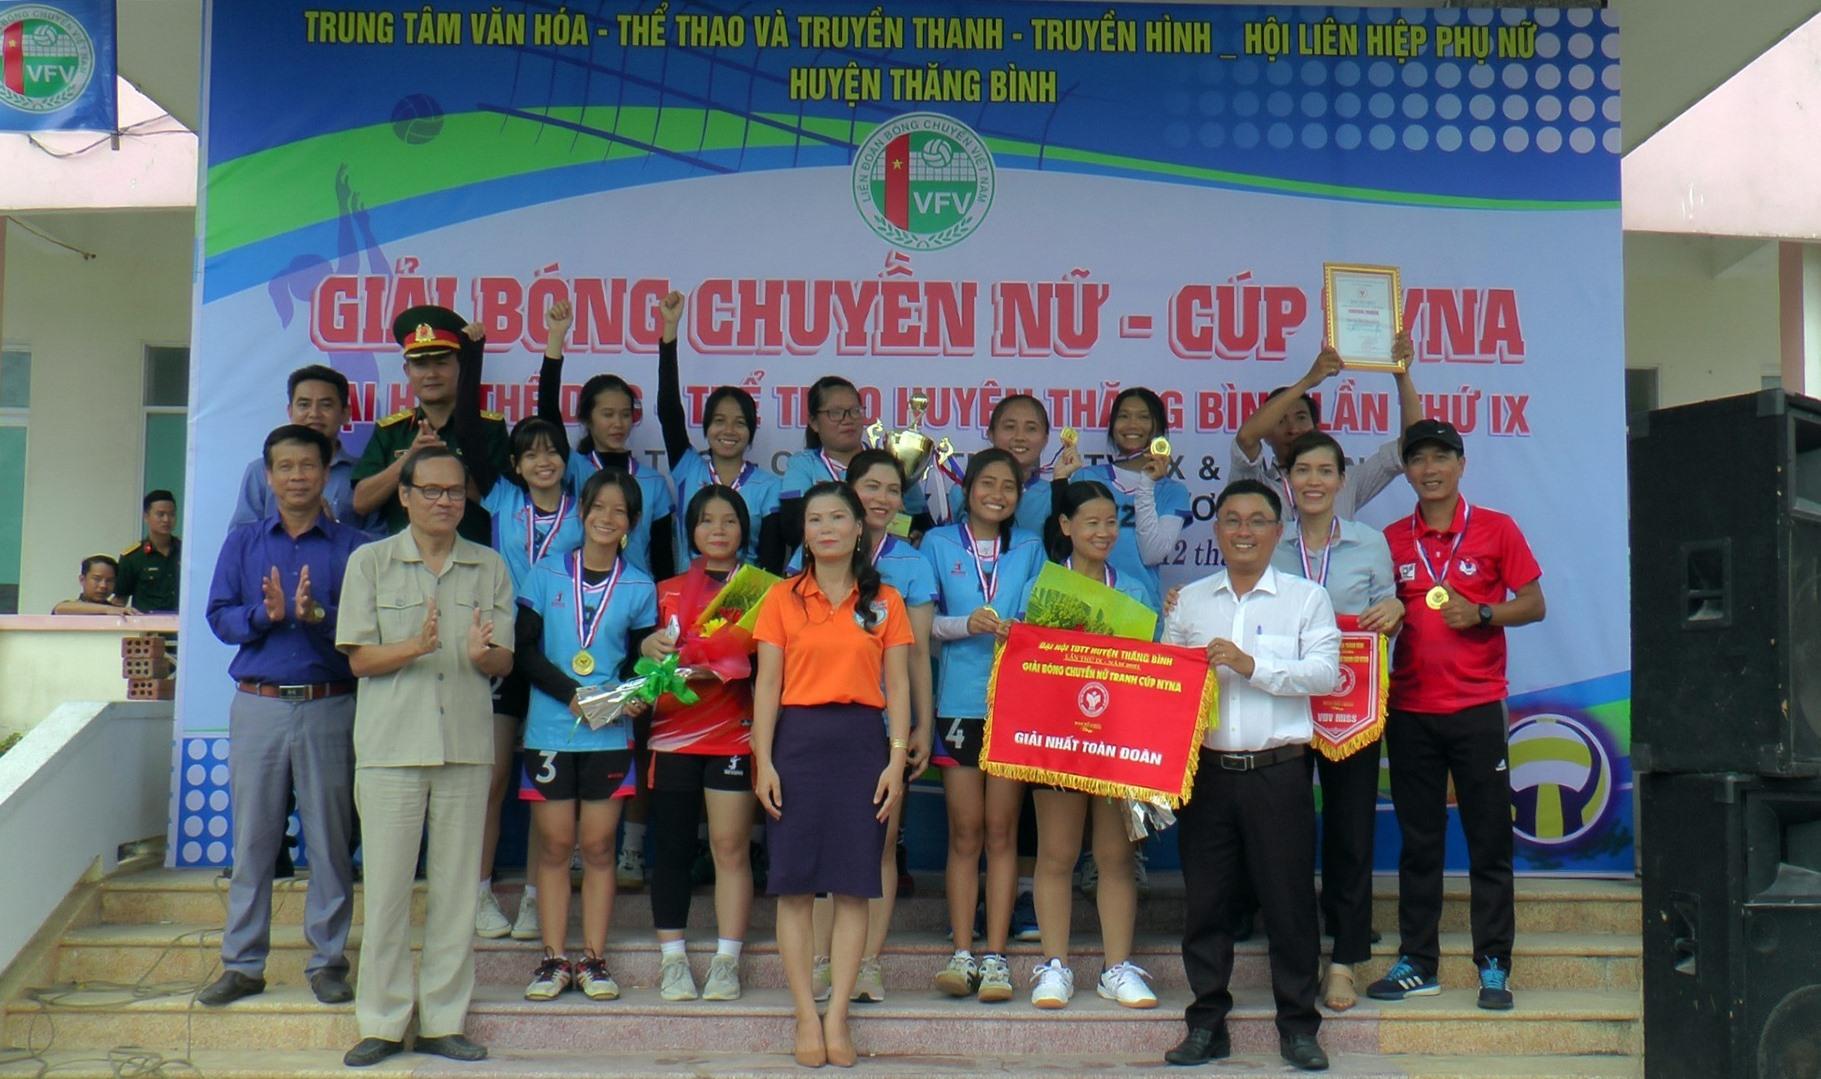 Ban tổ chức trao chức vô địch cho đội bóng chuyền nữ thị trấn Hà Lam.